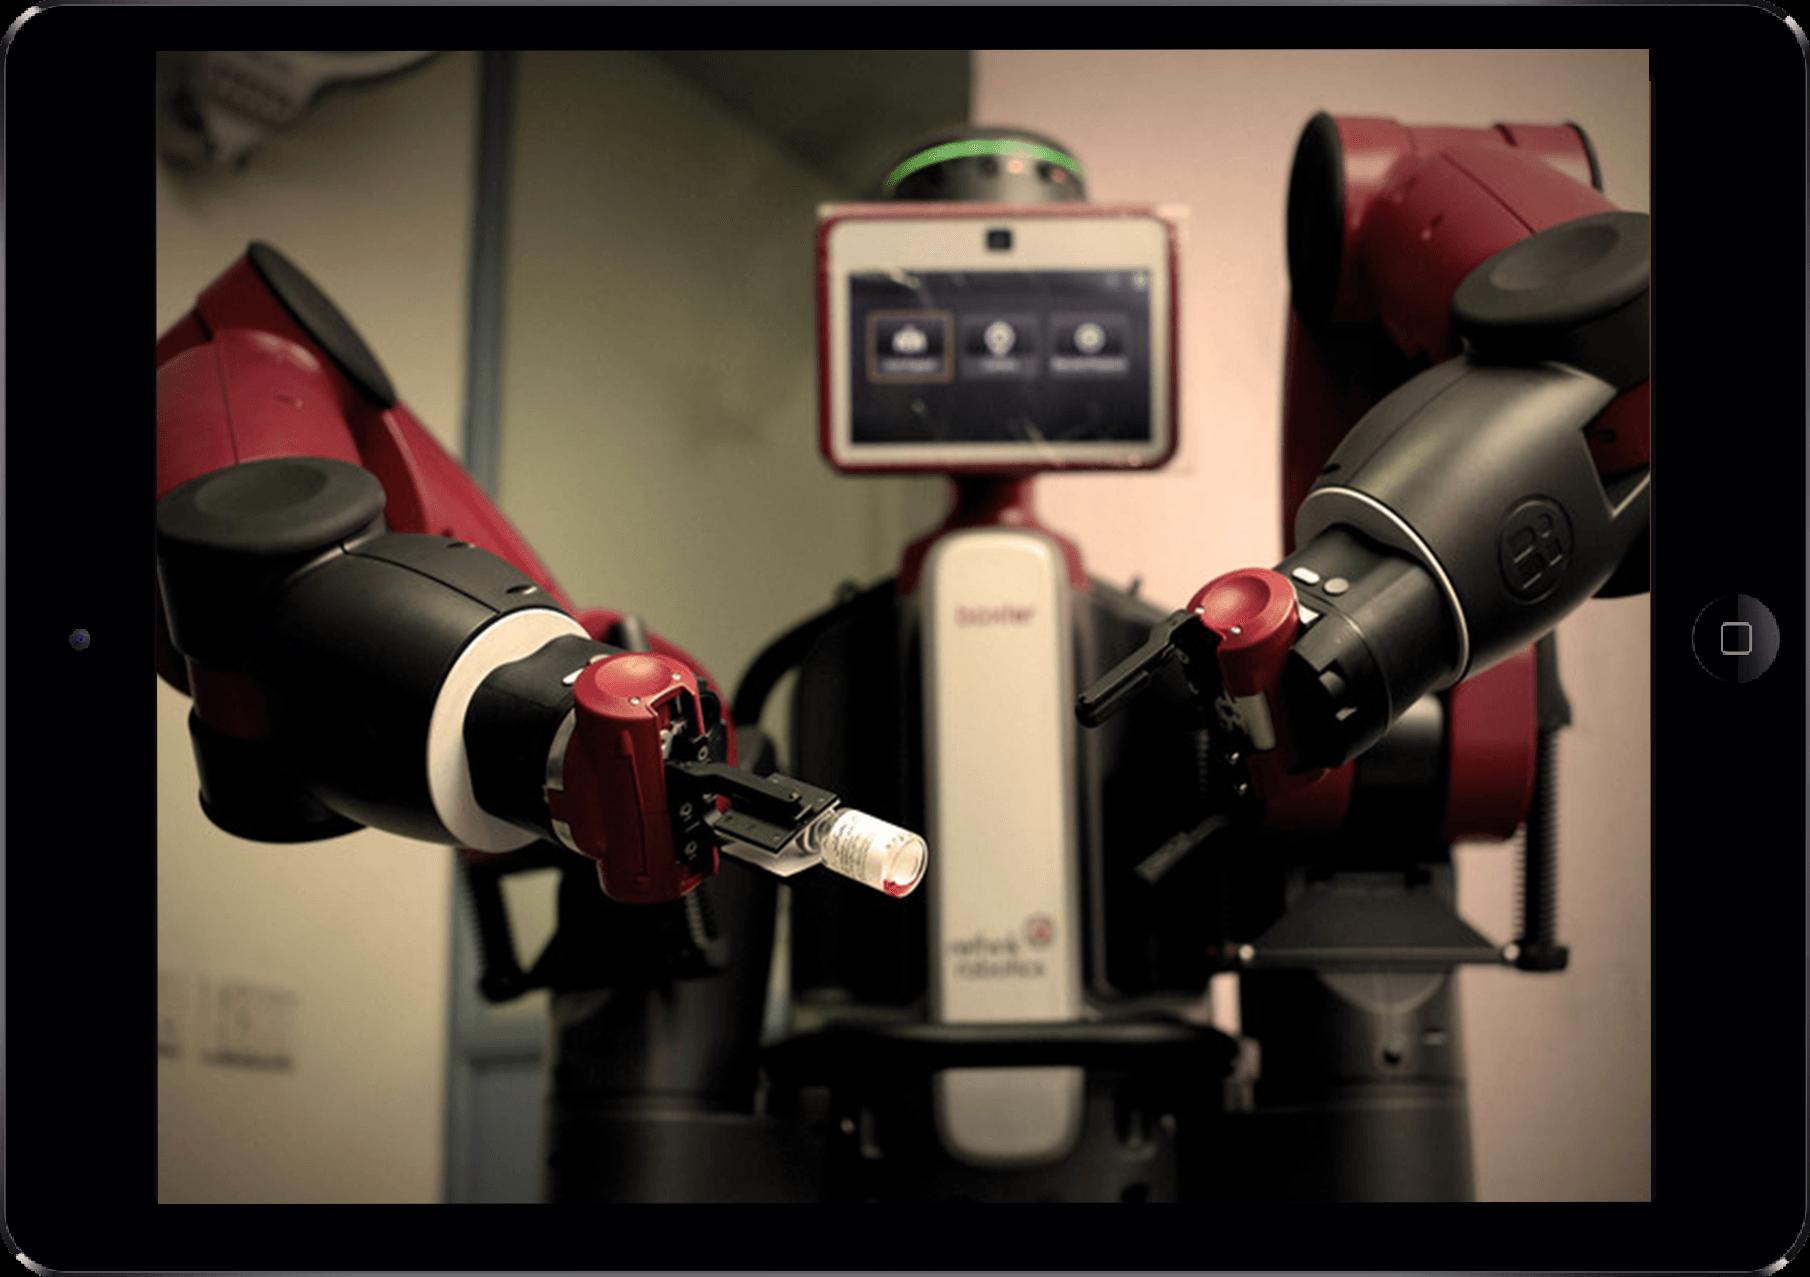 baxter robot software